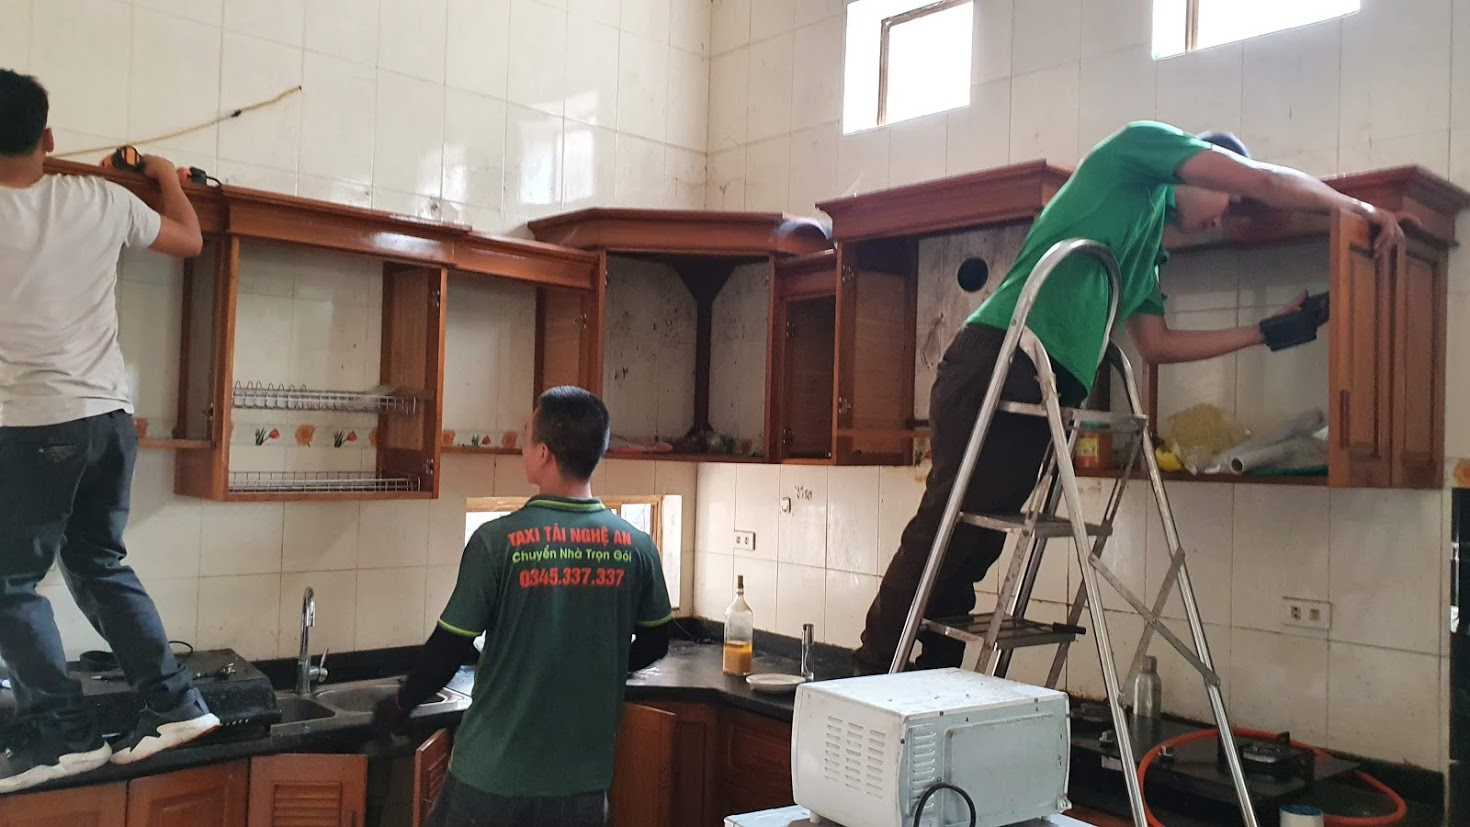 Chuyển Nhà Nghệ An - Tháo lắp tủ bếp